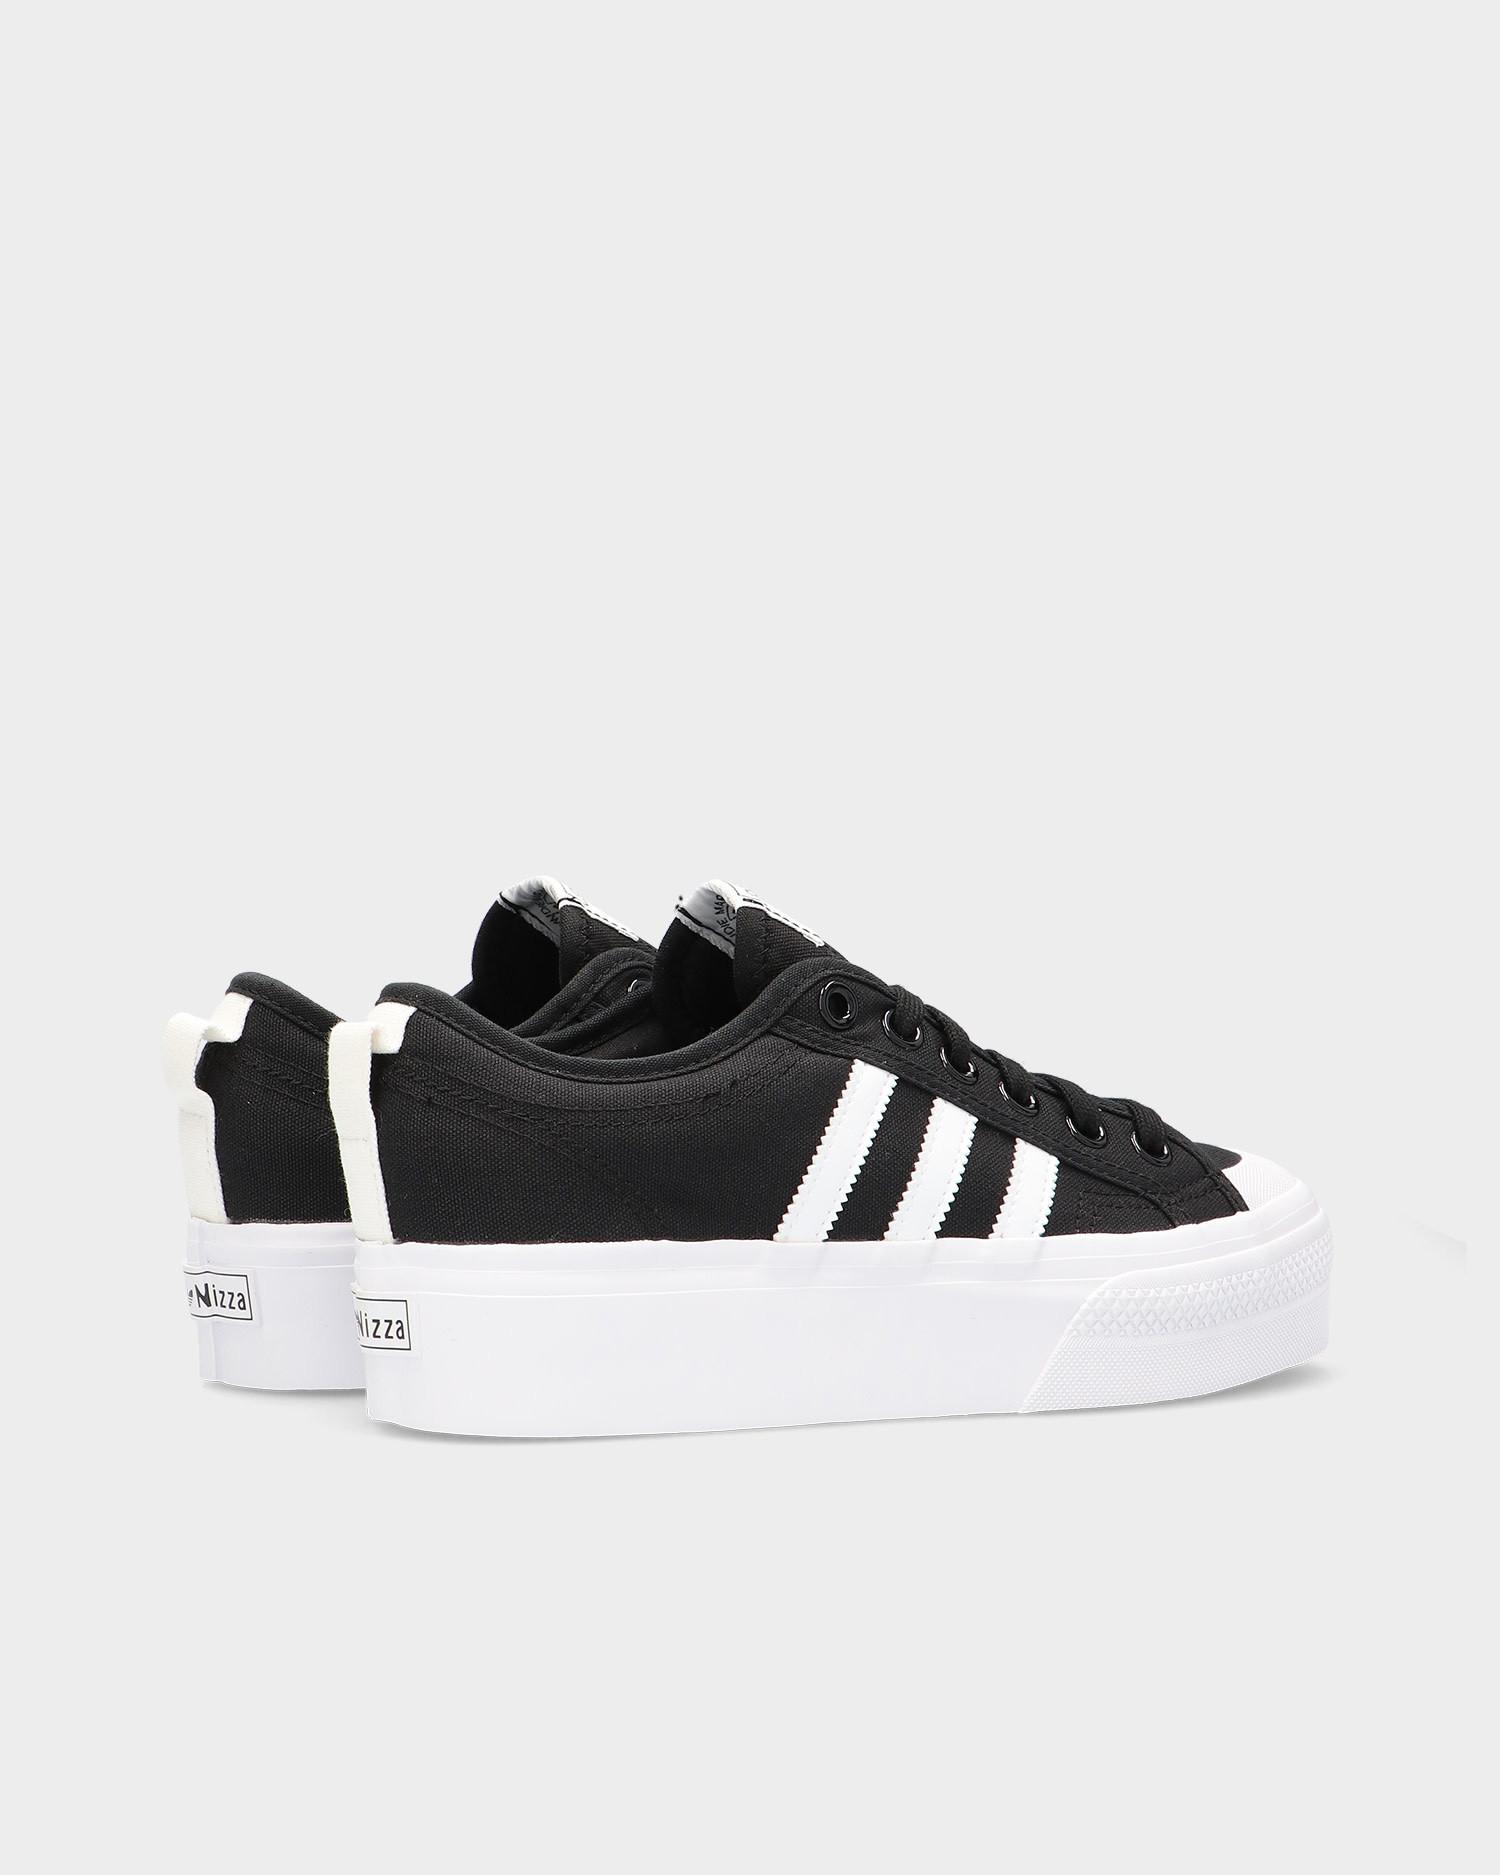 Adidas Nizza Platform W Cblack/Ftwwht/Ftwwt